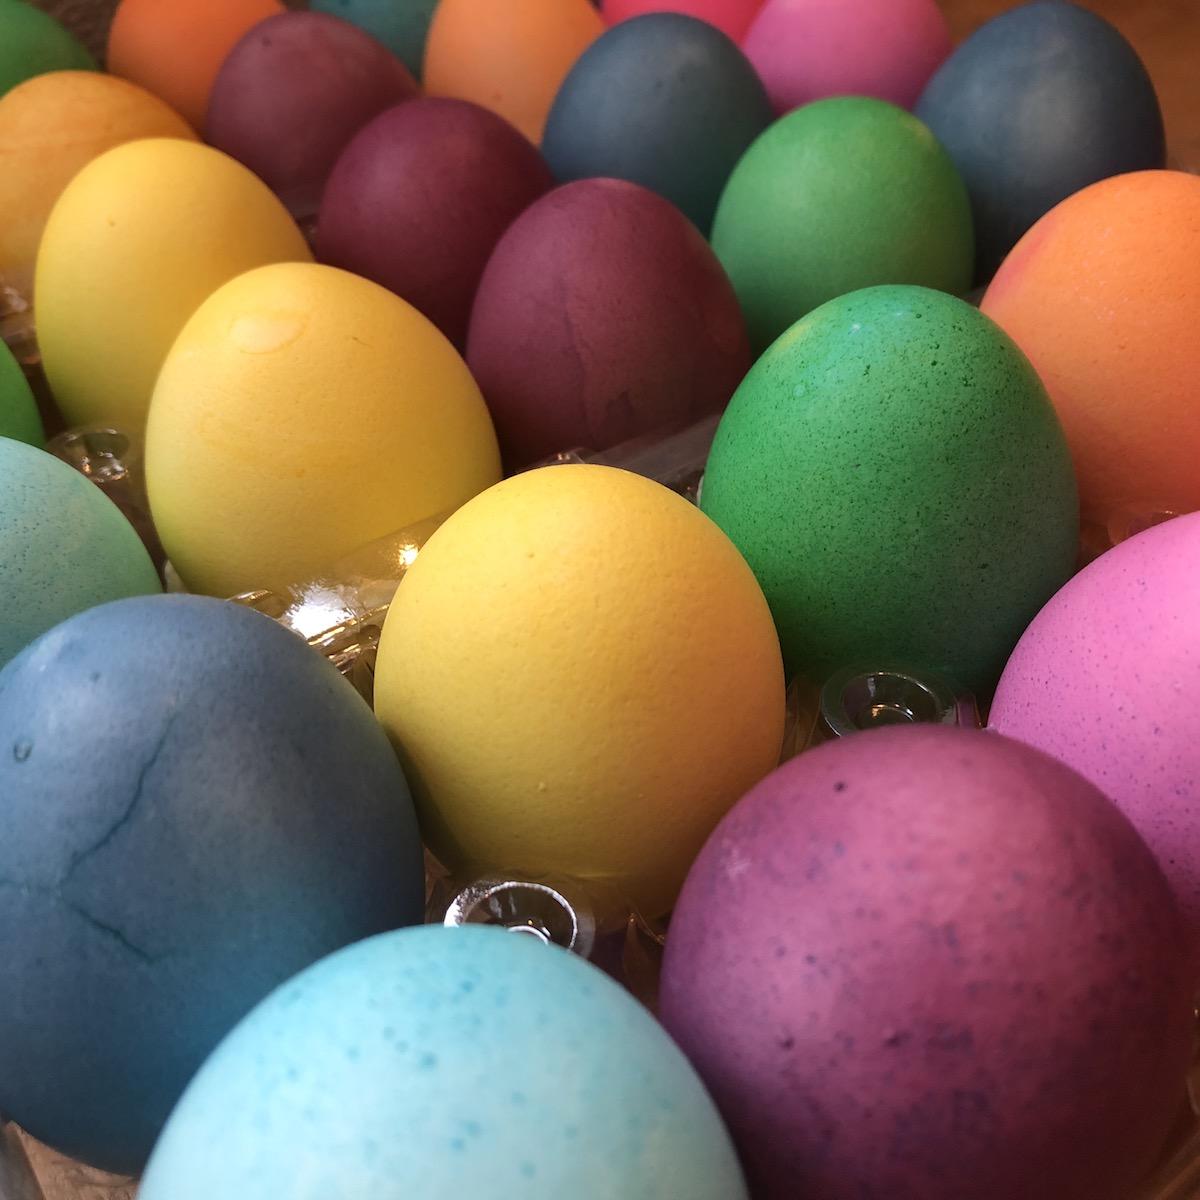 Easter IMG_3956.jpg